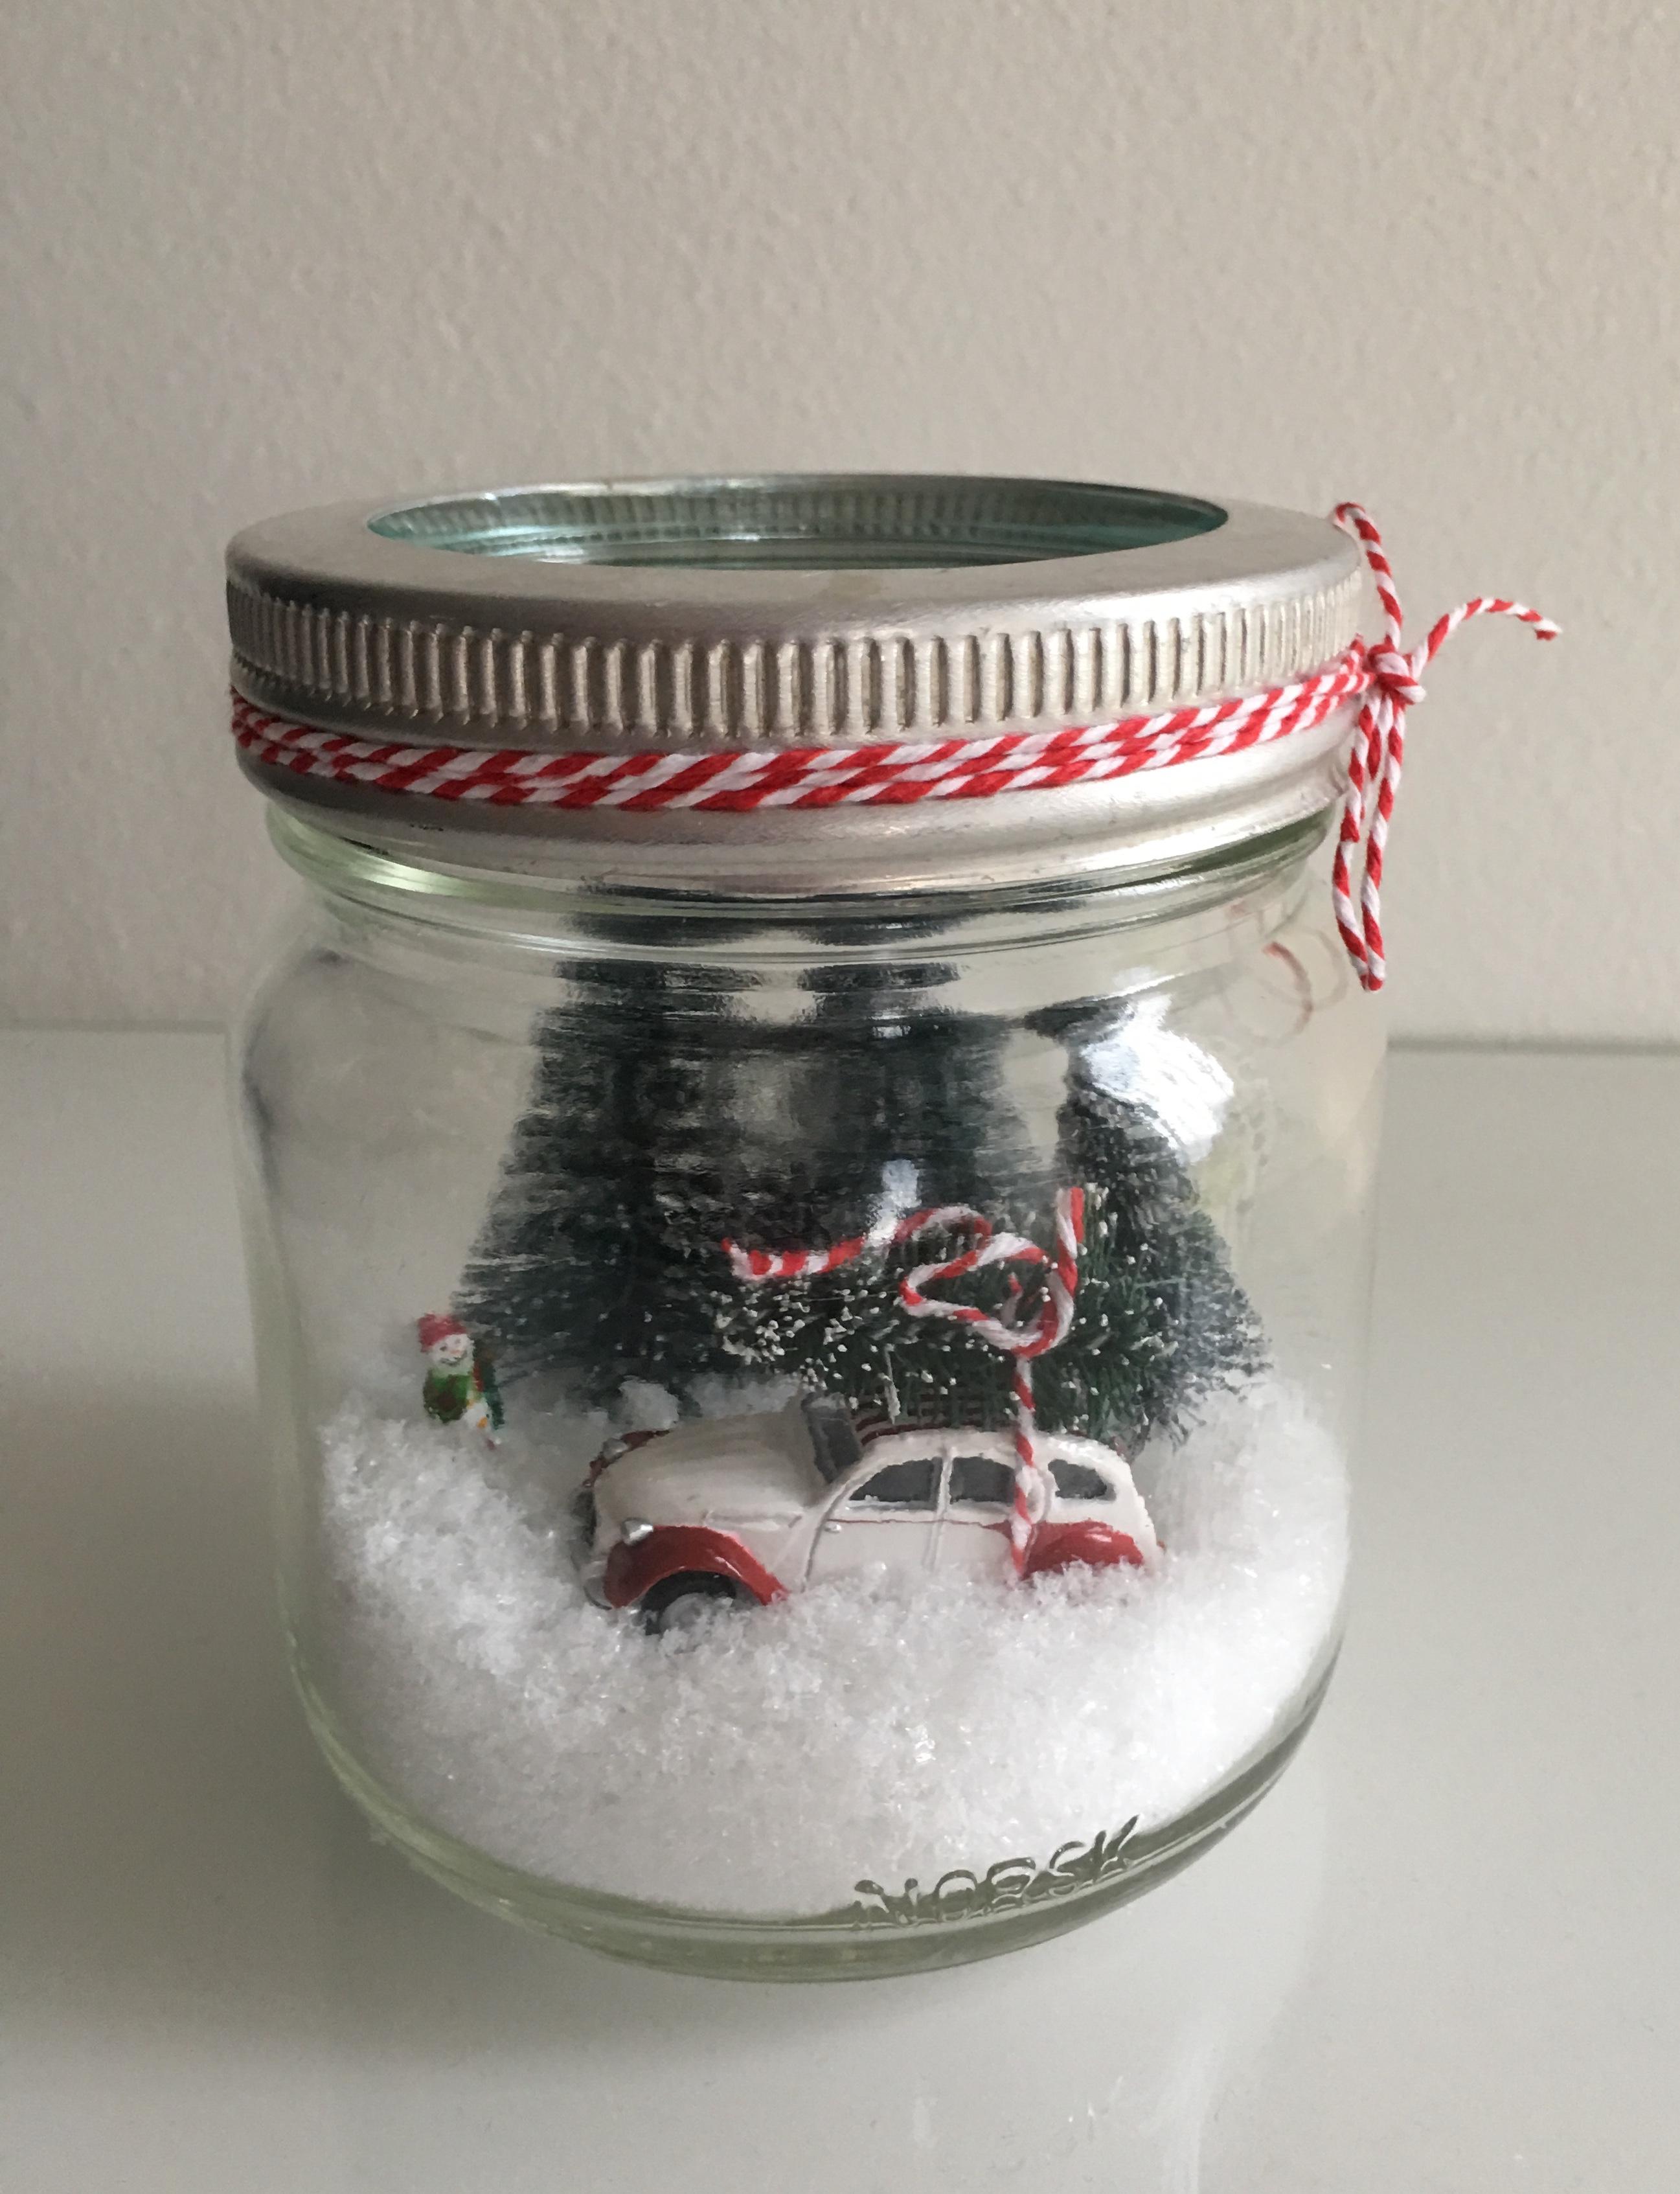 julebil i norgesglass snø og trær hjemmelaget julepynt lindaslilleverden